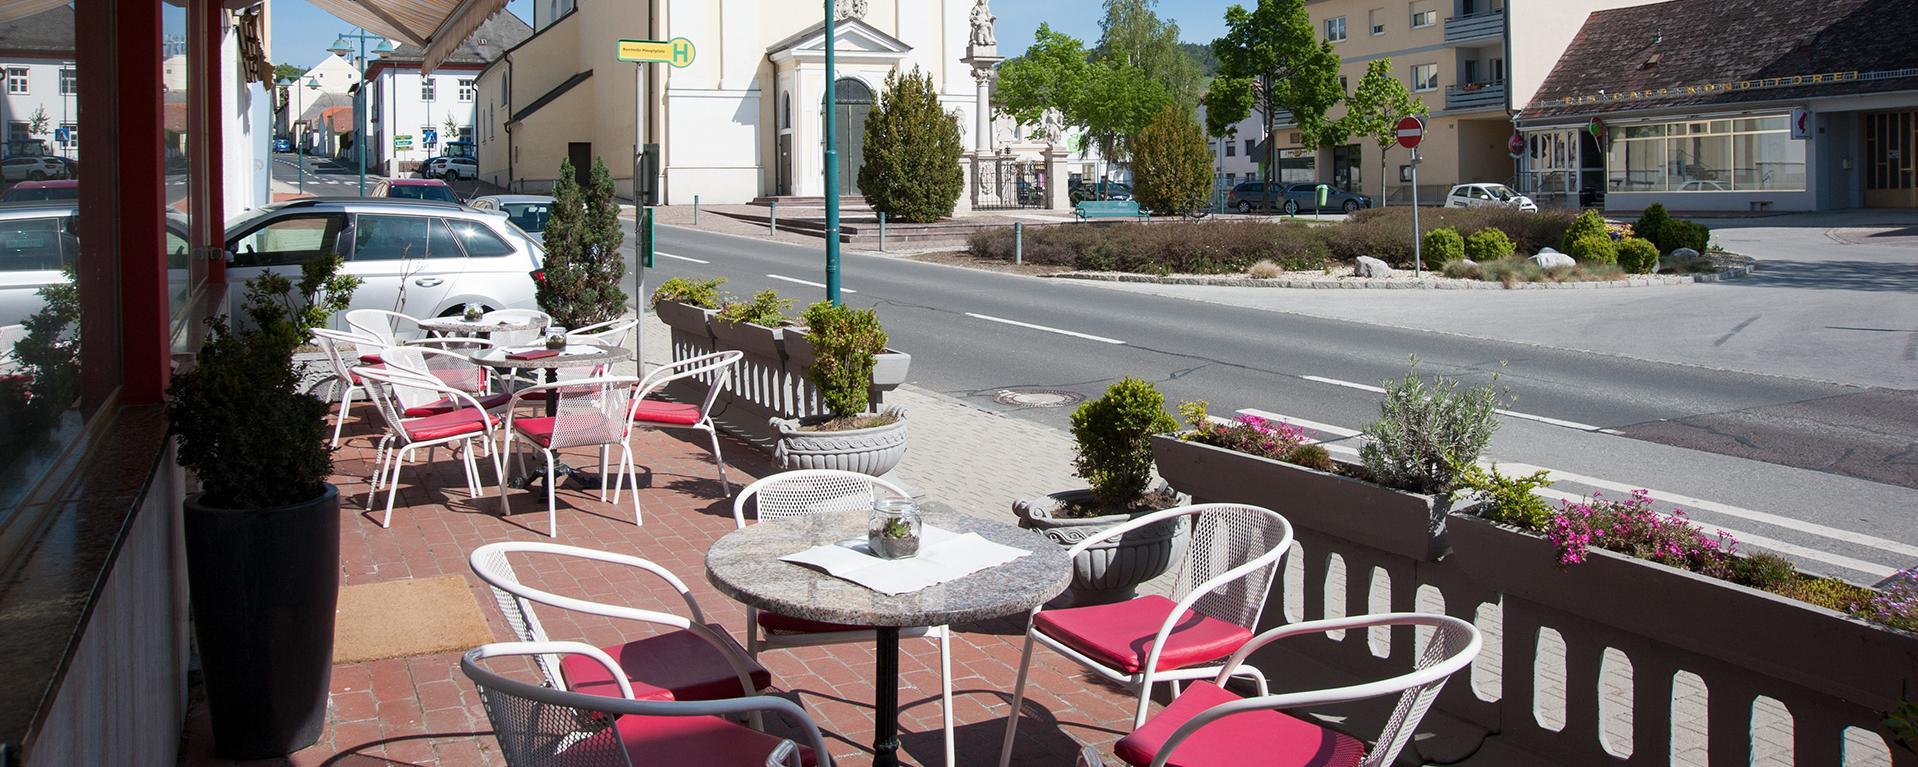 Caffeehaus Freingruber - Terrasse